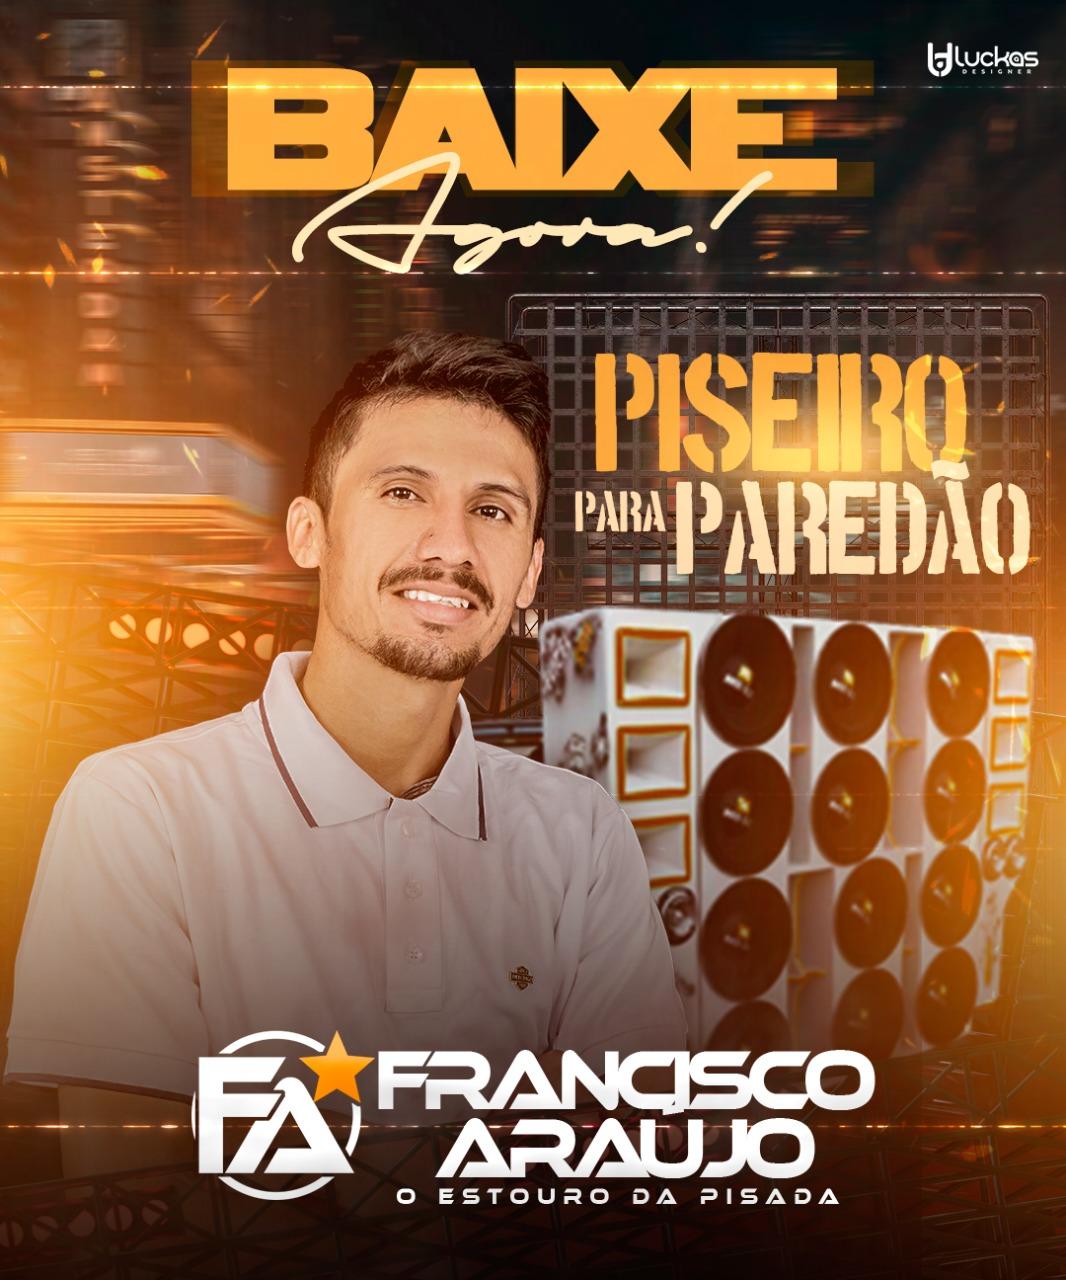 Francisco Araújo - EP - Piseiro Para Paredão - Outubro - 2020